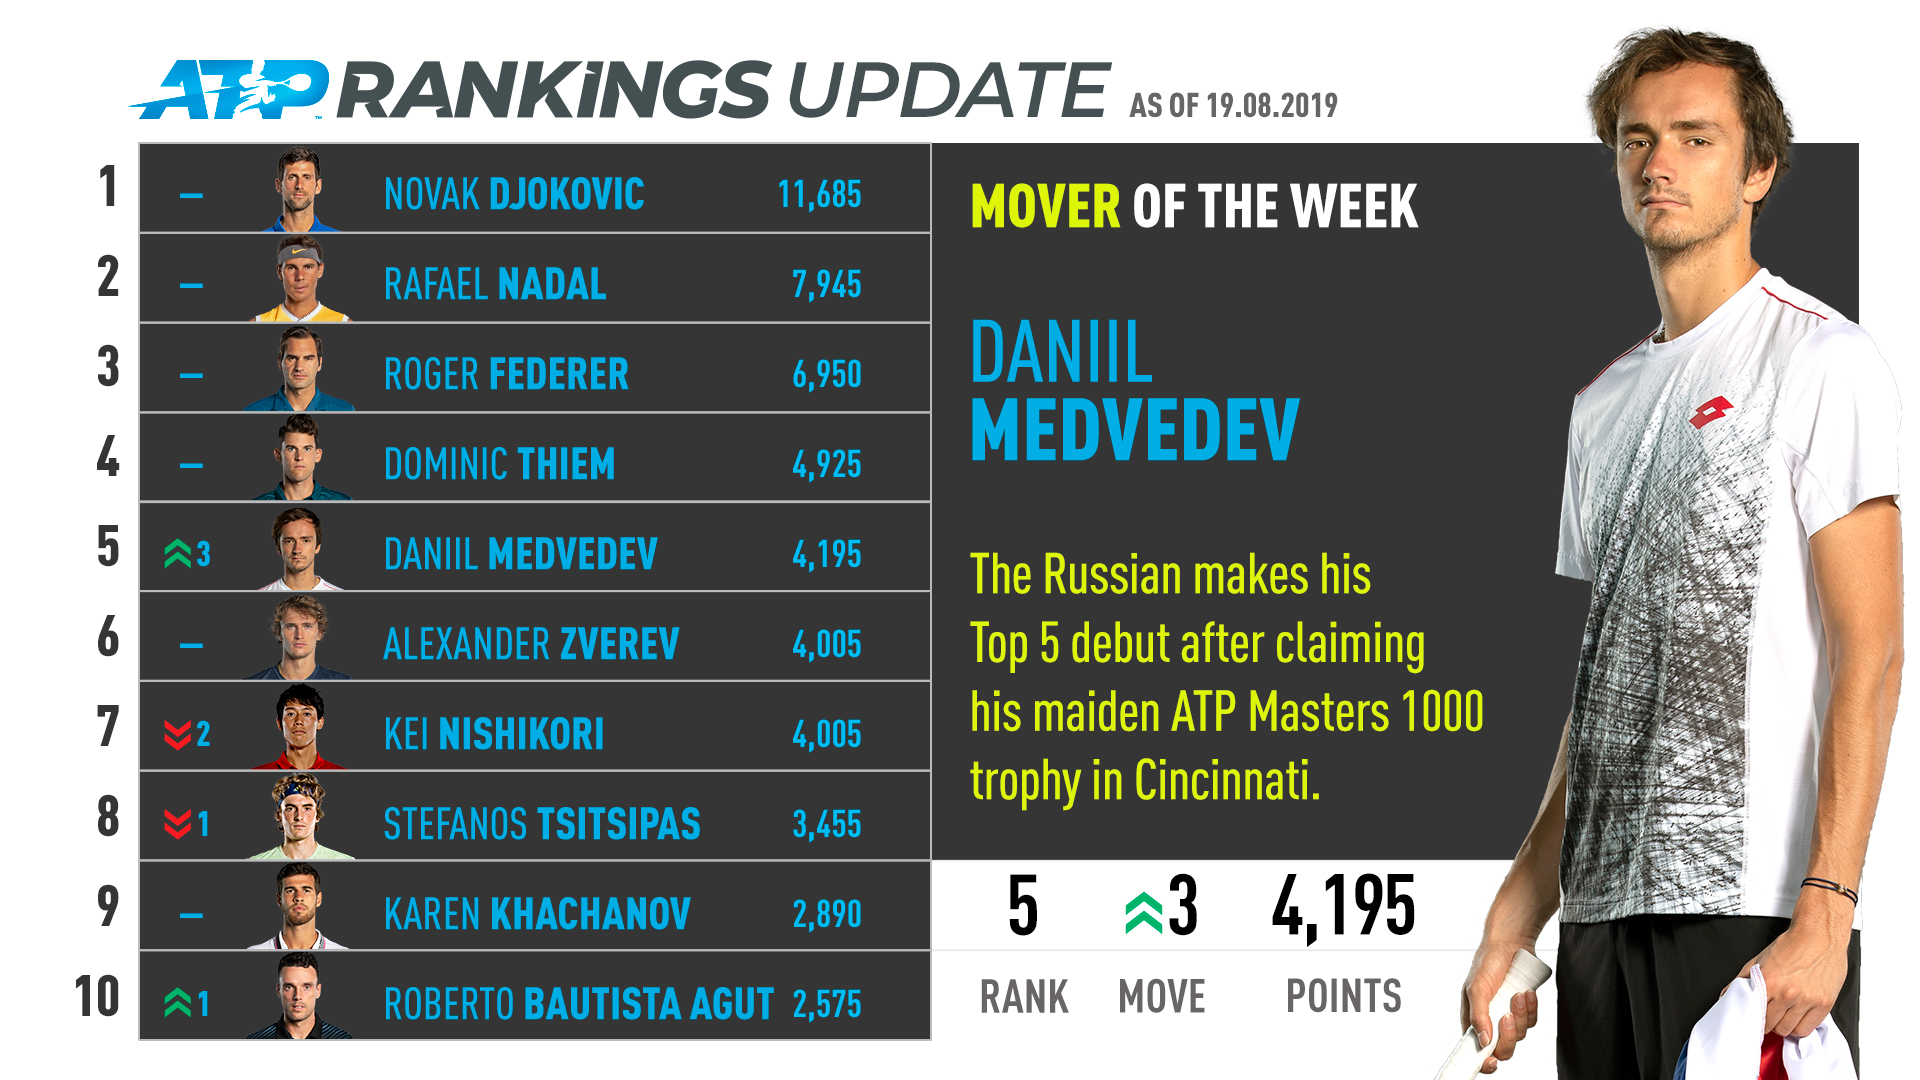 Медведев стал пятой ракеткой мира, Баутиста-Агут дебютирует в топ-10 рейтинга ATP